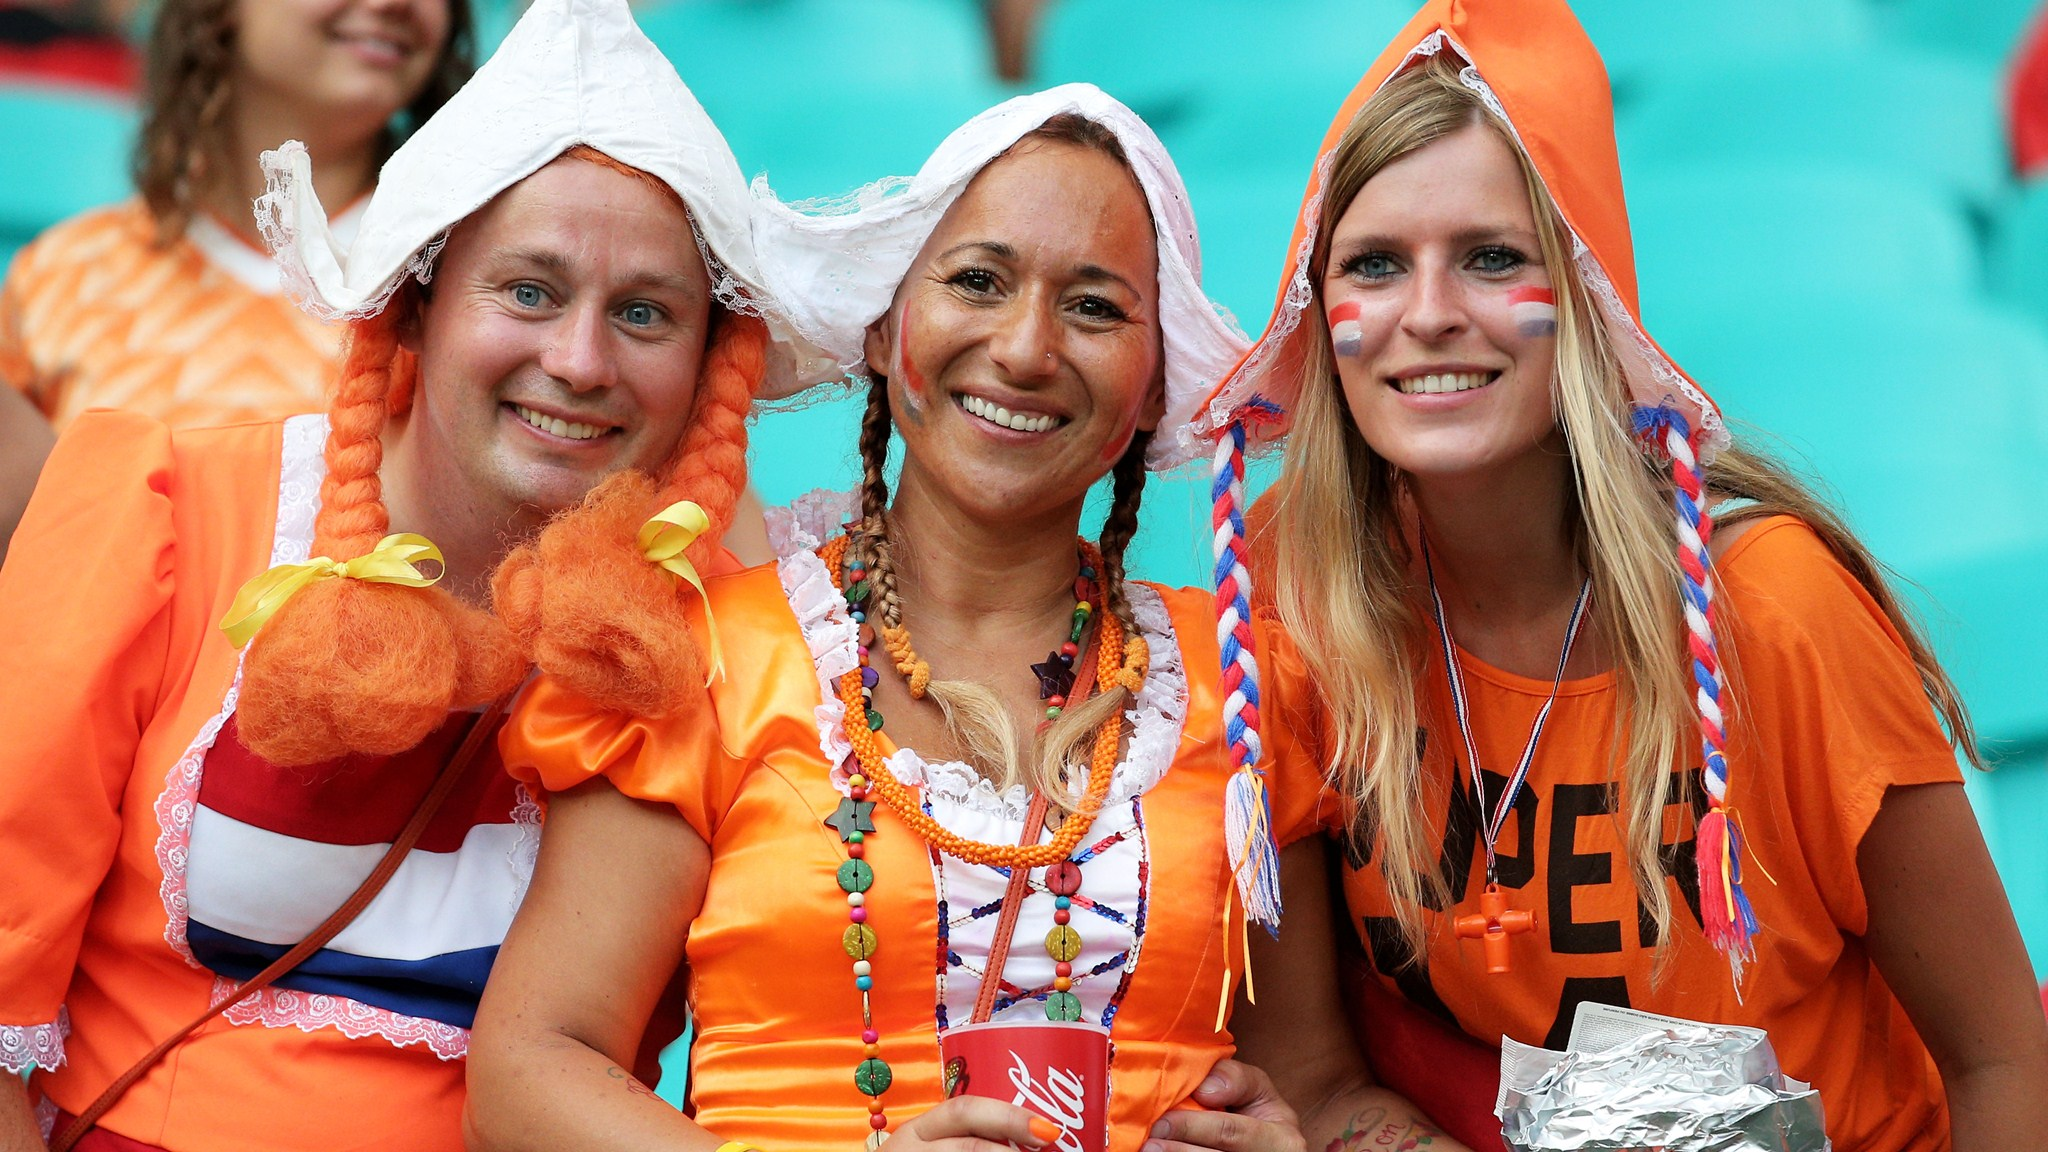 224 - Netherlands-Costa Rica [0-0] -- 05 Jul 2014 - 17-00 - kuaza